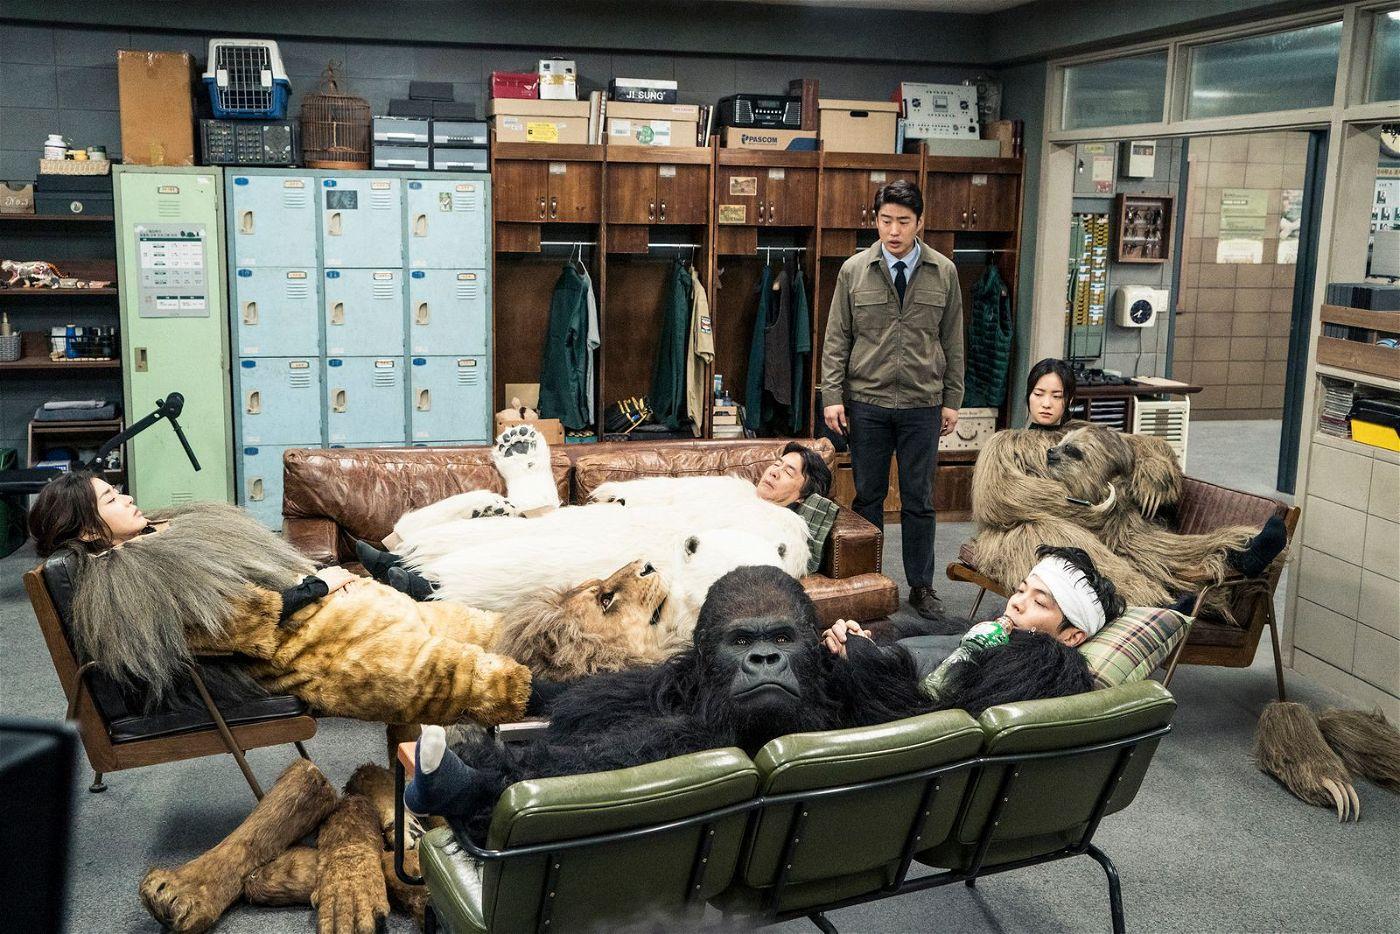 Nach tierisch anstrengender Arbeit gönnen sich Löwe (Kang So-ra), Eisbär (Park Young-kyu), Gorilla (Kim Sung-oh) und Faultier (Jeon Yeo-been) eine Pause. Zoochef Tae-soo (Ahn Jae-hong, stehend) ist aber noch nicht ganz zufrieden.